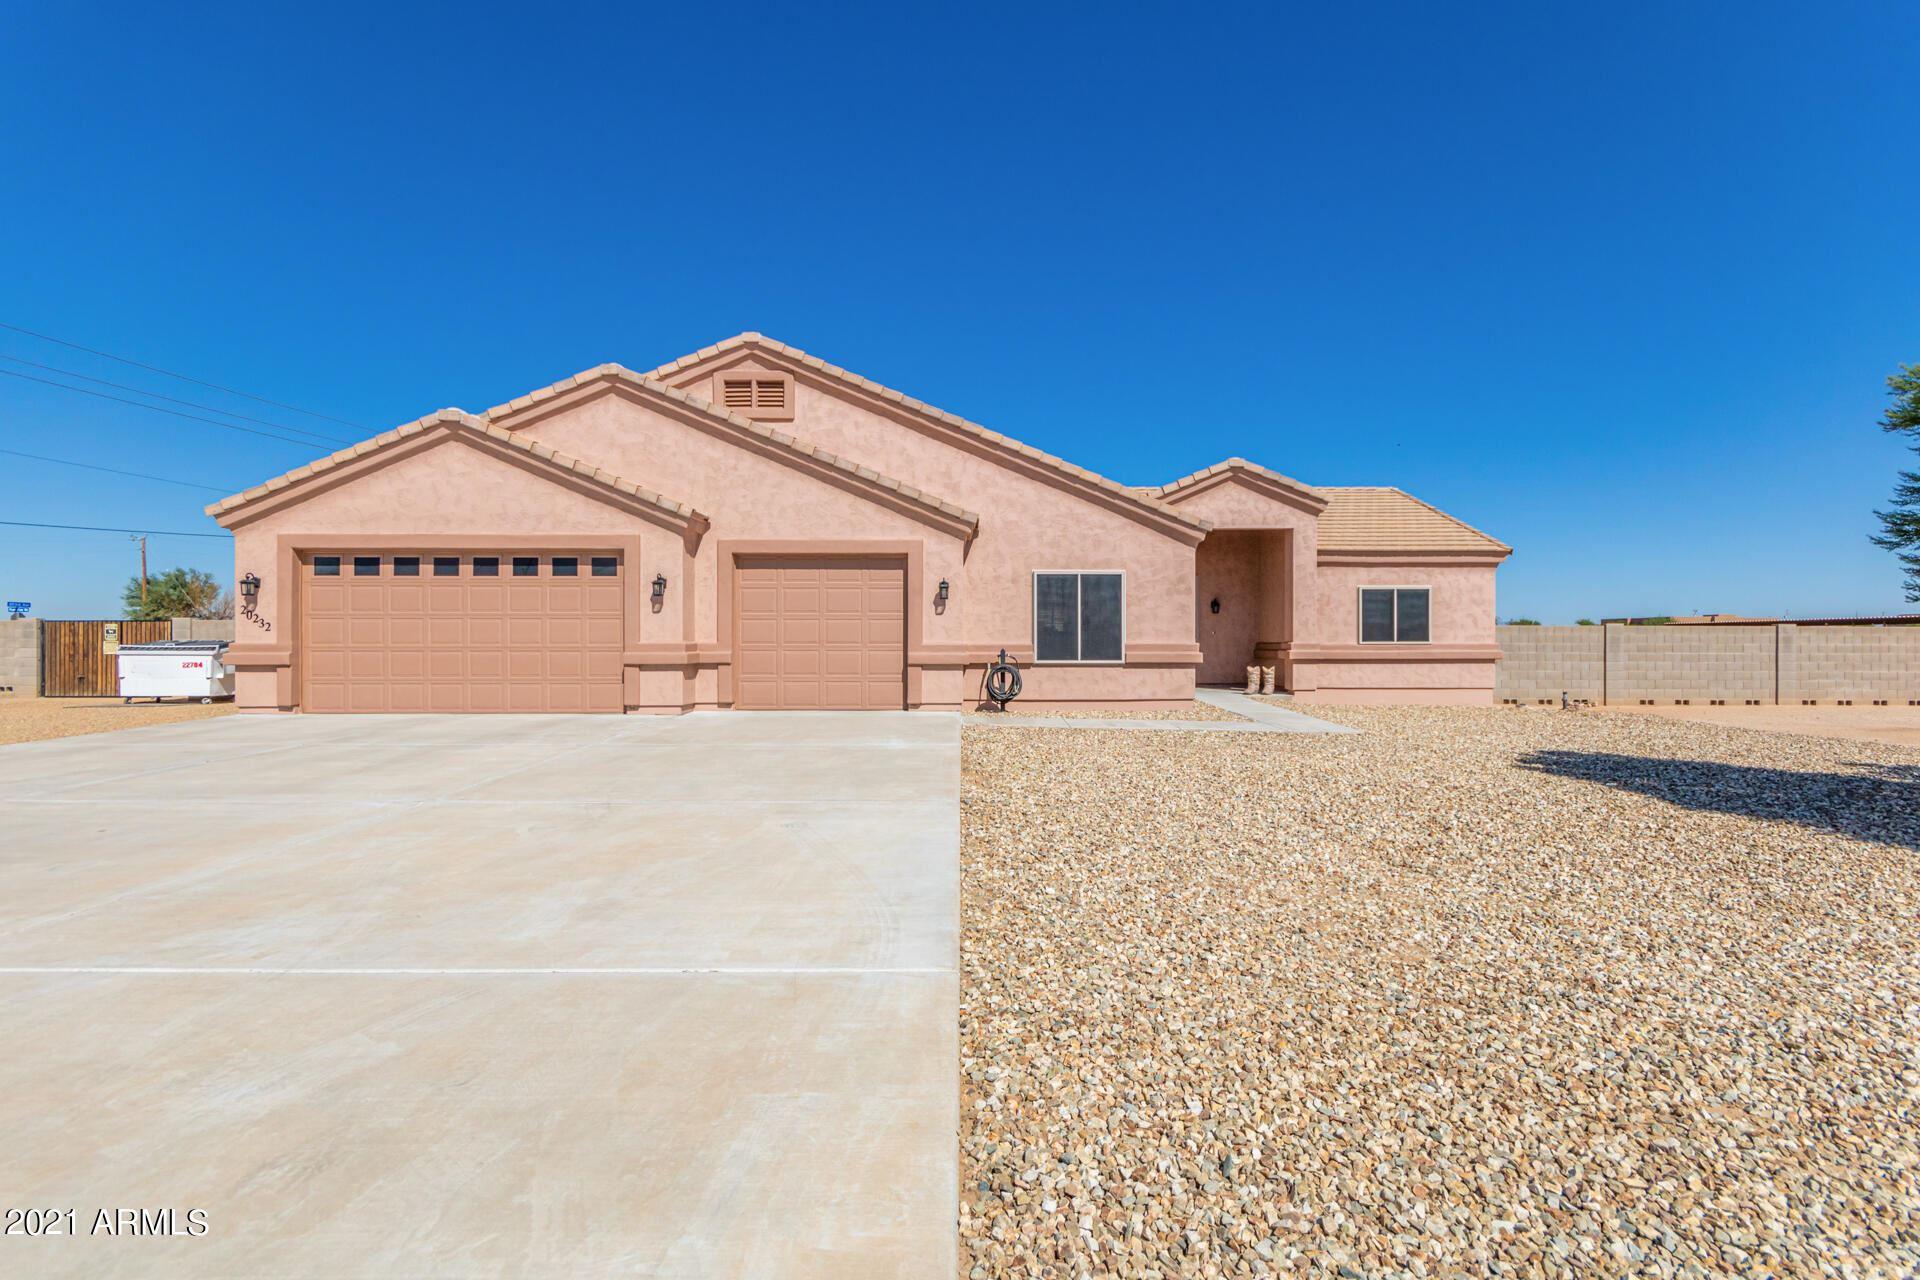 Photo of 20232 W MAZATZAL Drive, Wittmann, AZ 85361 (MLS # 6306346)